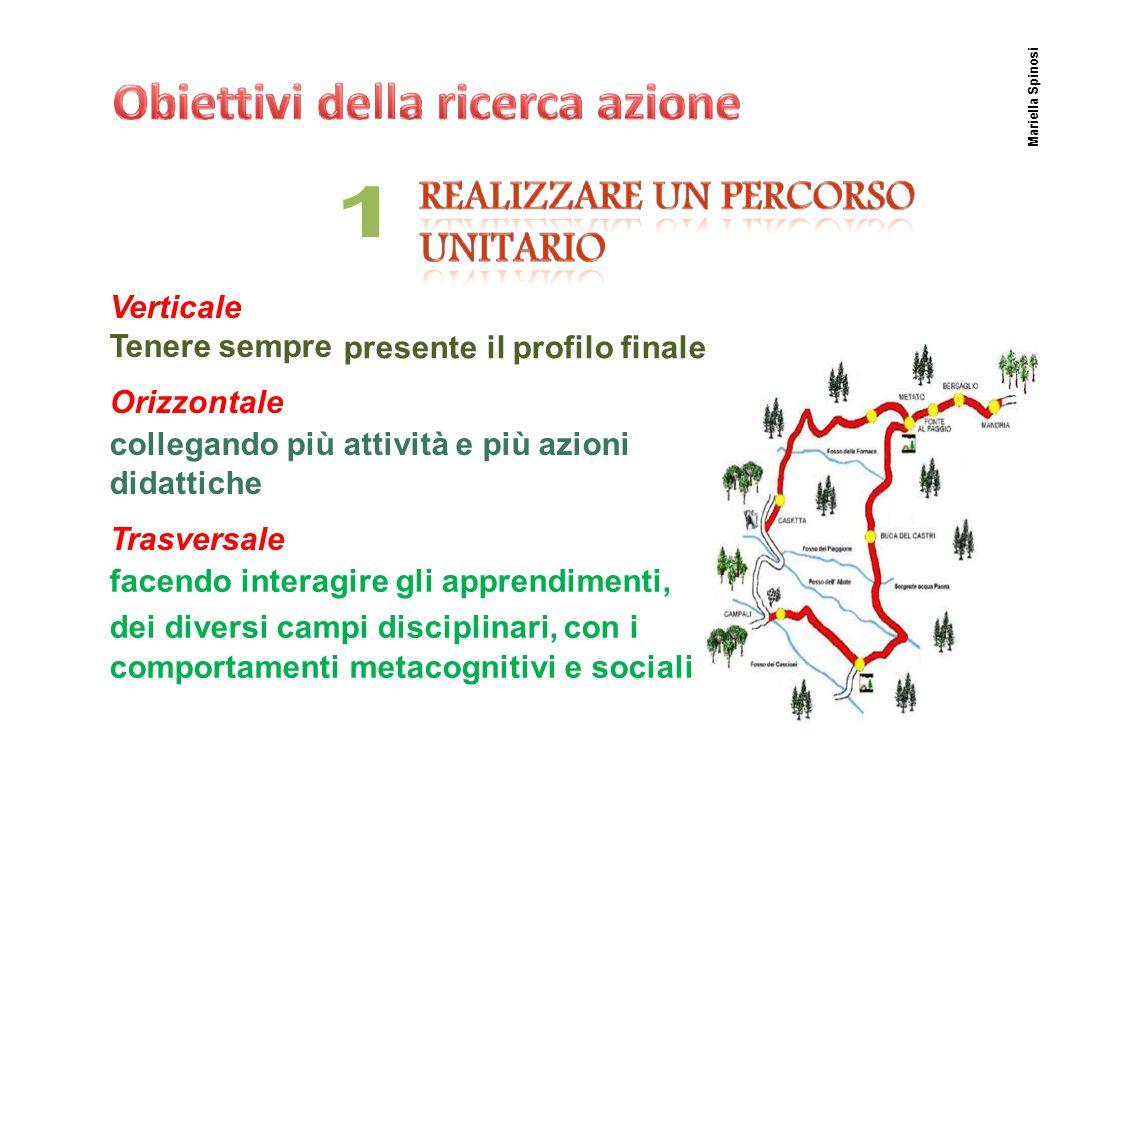 PuntoA Formalizzaregligliesitiattesi trasversali attesi Mariella Spinosi Descrizione del traguardo di competenza Descrizione dei comportamenti attesi Ob.